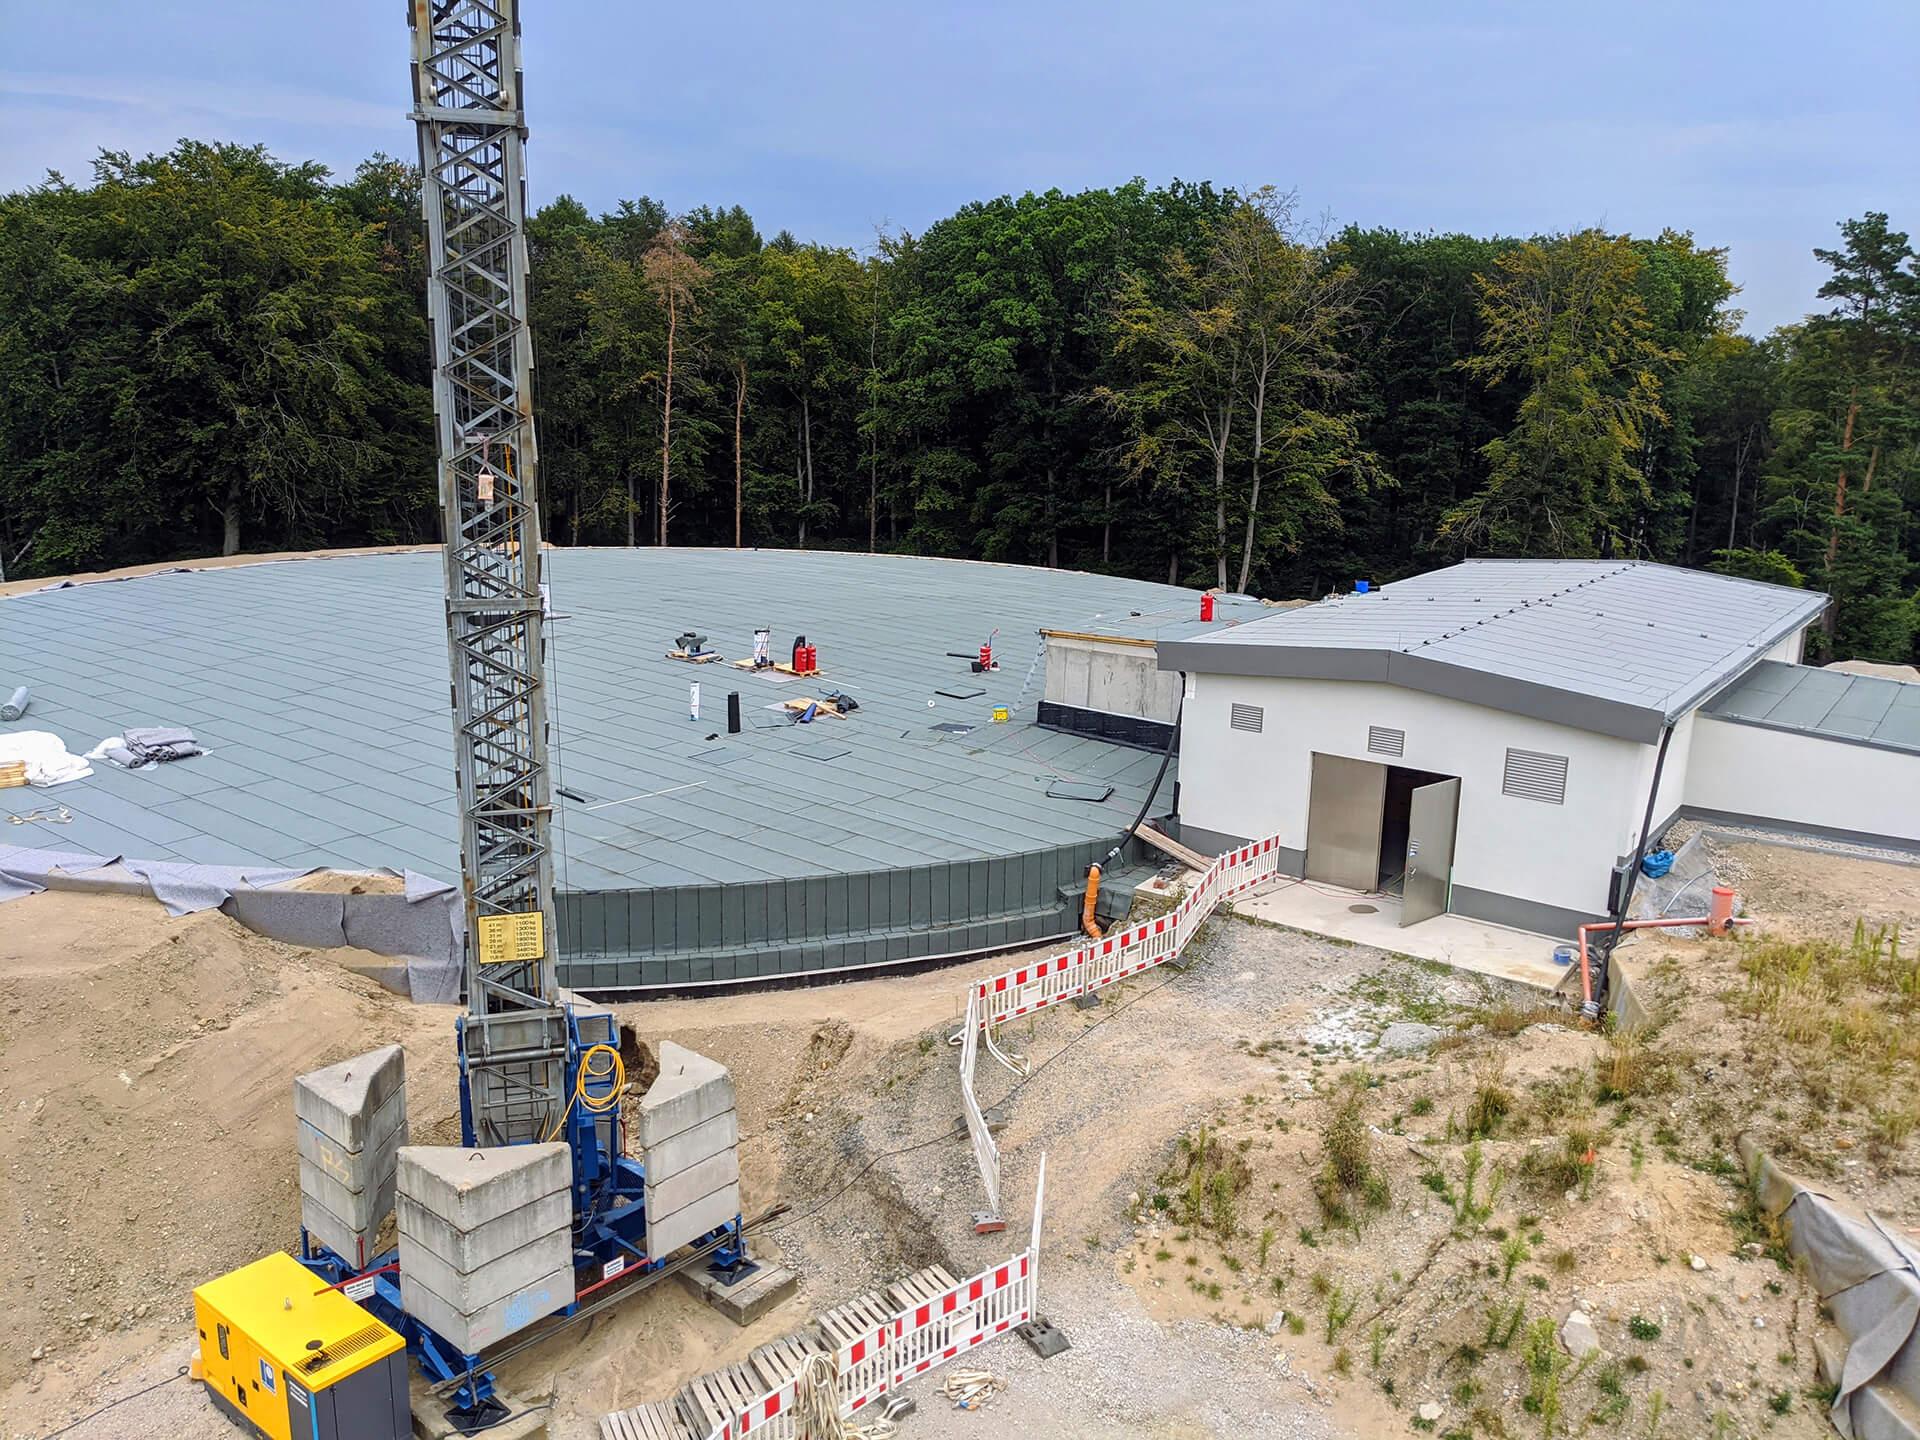 Die Abdichtung der Decke der Wasserkammer 2 ist fast fertig gestellt. Danach wird noch eine Lage Vlies zum Schutz verlegt und rund 50 Zentimeter Mutterboden aufgebracht.